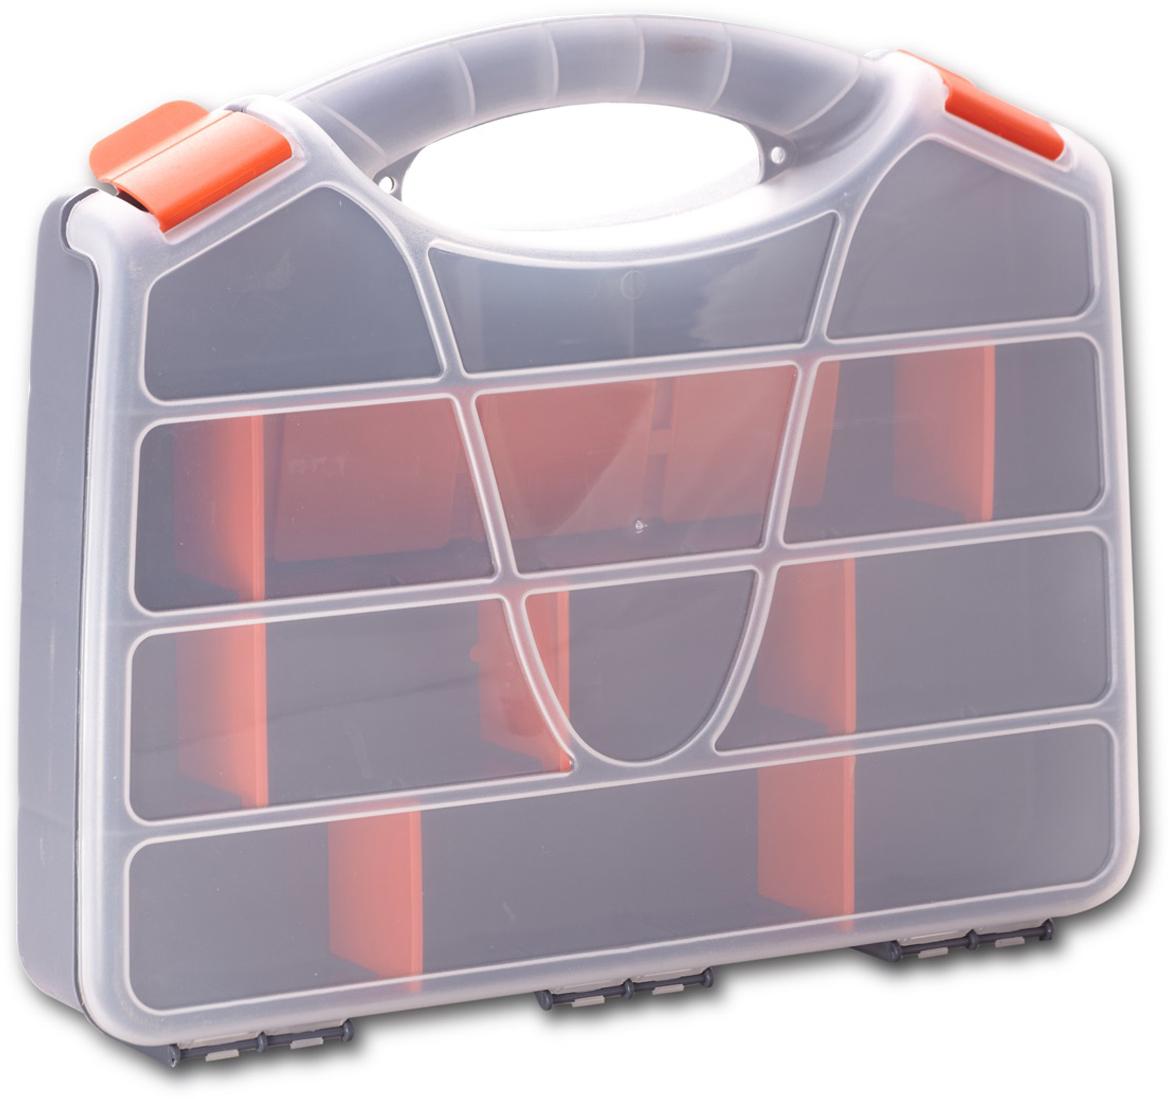 Органайзер для хранения Blocker Profi, цвет: серо-свинцовый, оранжевый, 44,7 х 35,5 х 7,5 смBR3724СРСВИНЦОРУдобный для переноски и хранения органайзер. Прозрачная крышка, небольшой размер и продуманная эргономика делают хранение любых мелочей простым и эффективным. Надежные замки предохраняют от случайного открытия, набор съемных разделителей позволяет организовать пространство в соответствии с Вашими пожеланиями.